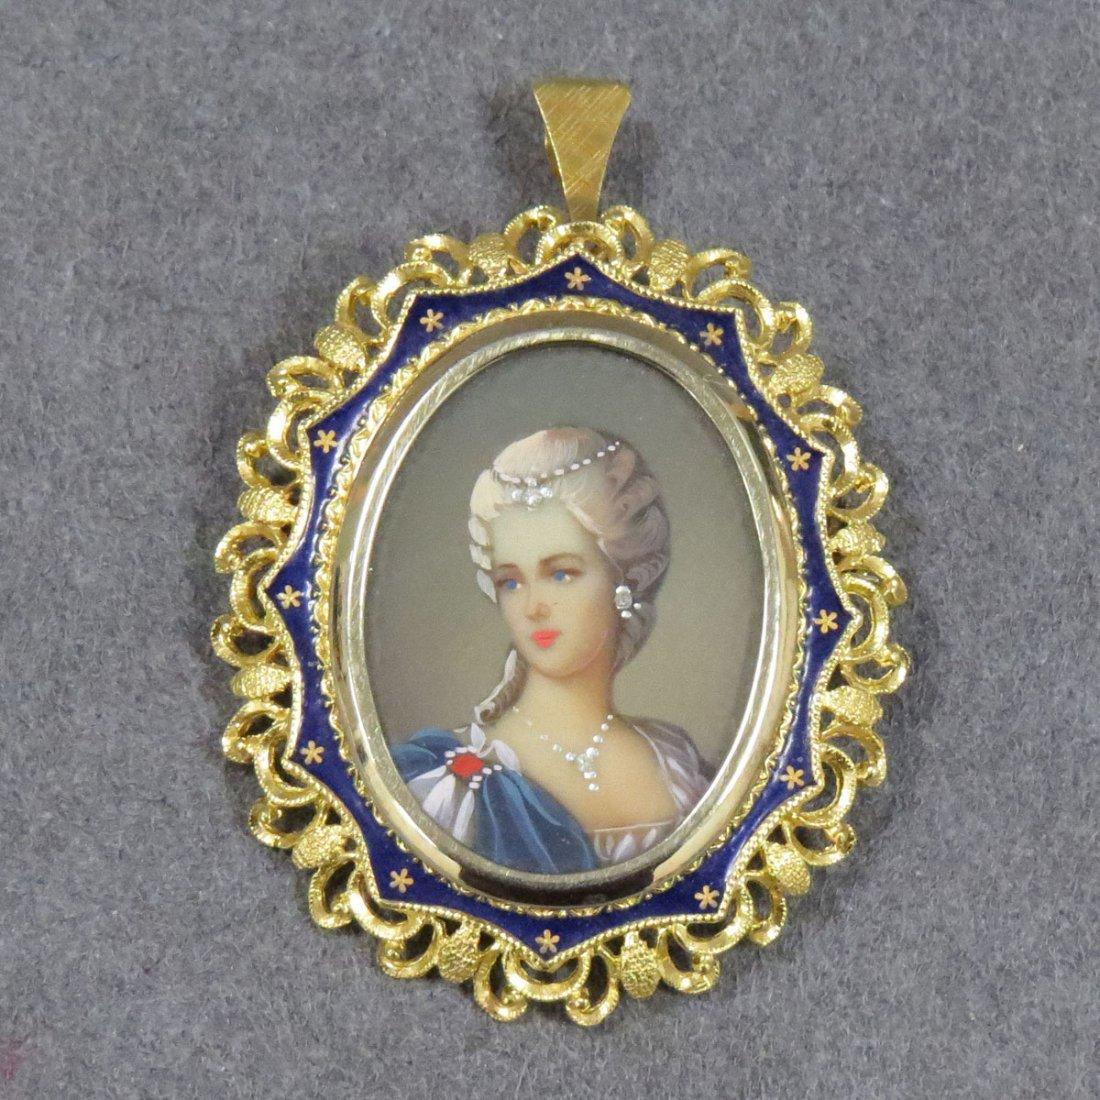 ITALIAN 18K GOLD FRAMED LUCITE PORTRAIT BROOCH